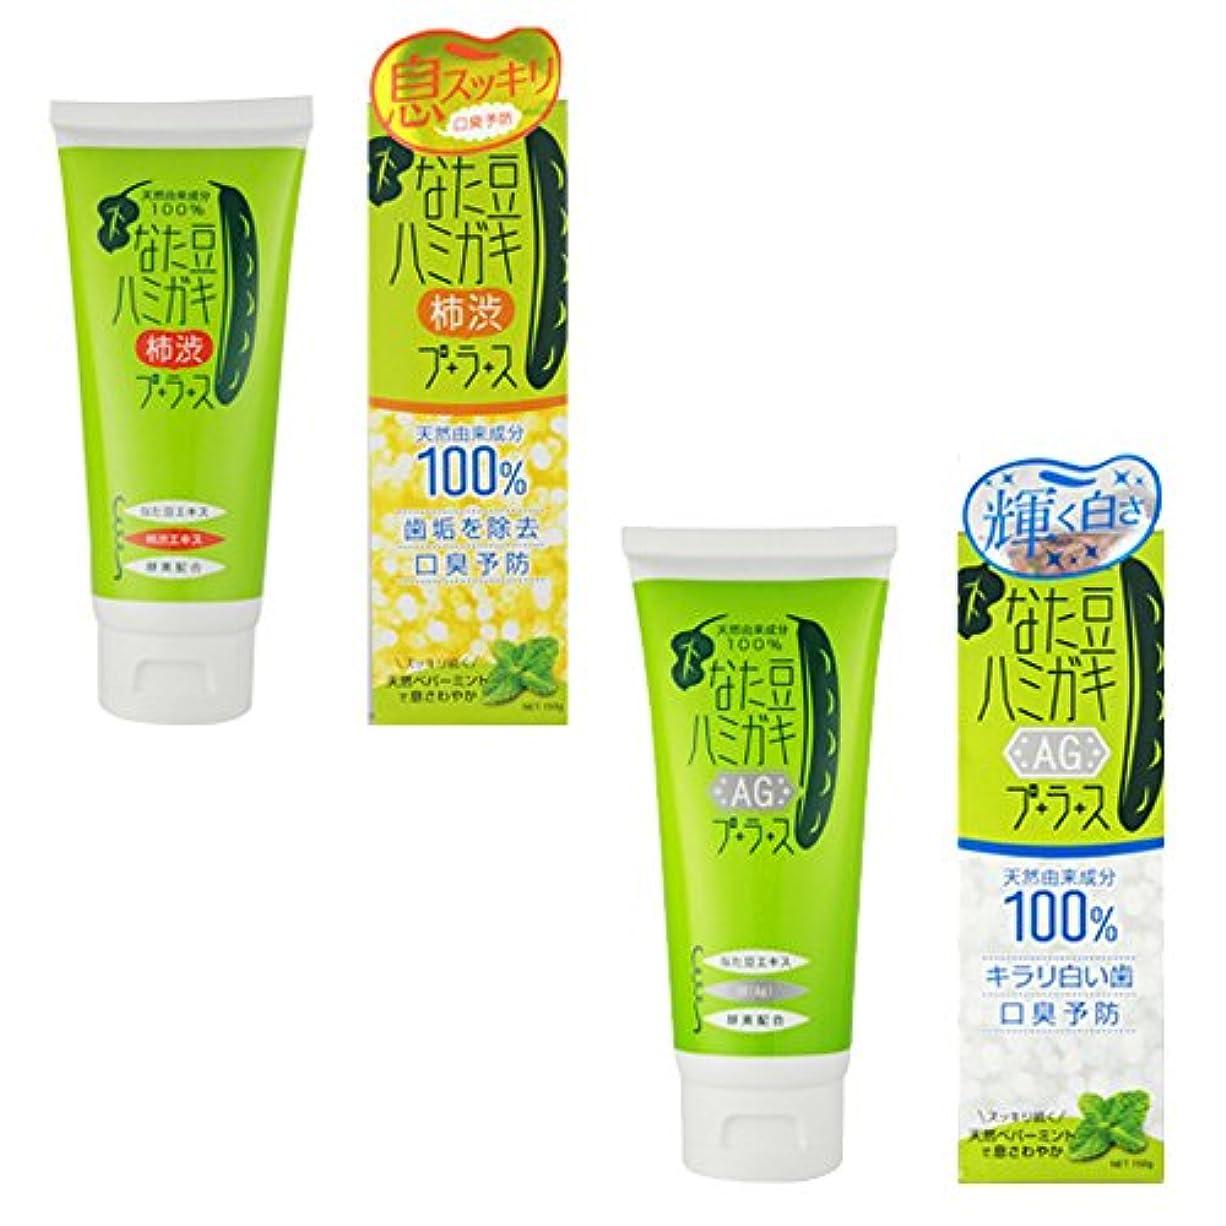 飽和するレガシー印刷するなた豆ハミガキプラス 歯磨き粉 口臭対策 白い歯 ホワイトニング 虫歯予防 歯石 なたまめ (150g 柿渋1本&AG1本) nata-plus2-150g-kaki-ag